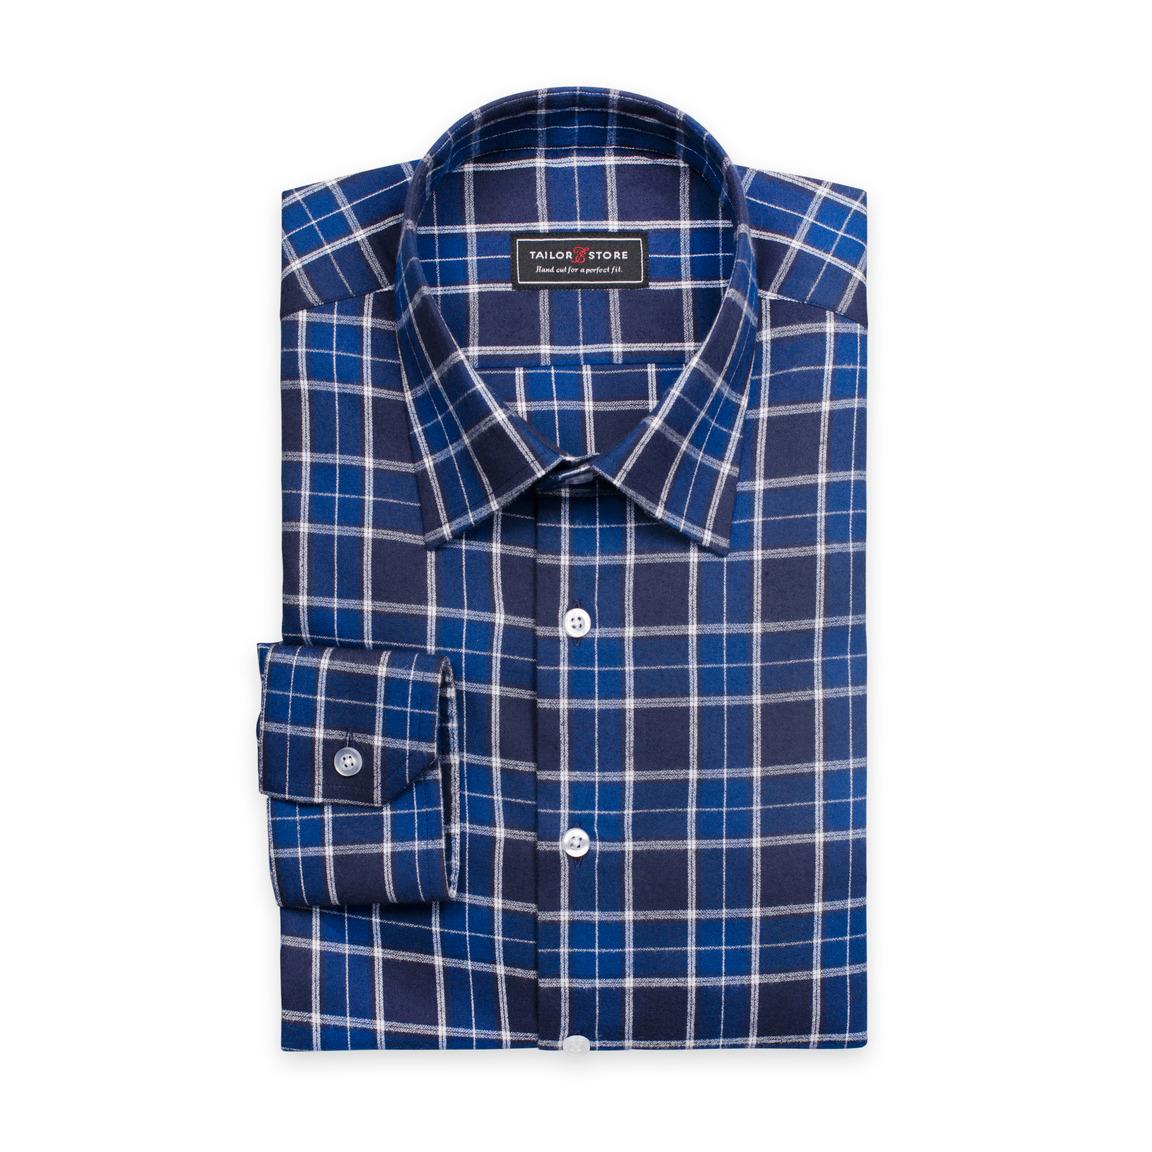 Ledig tartanrutig skjorta i navy/svart/vitt